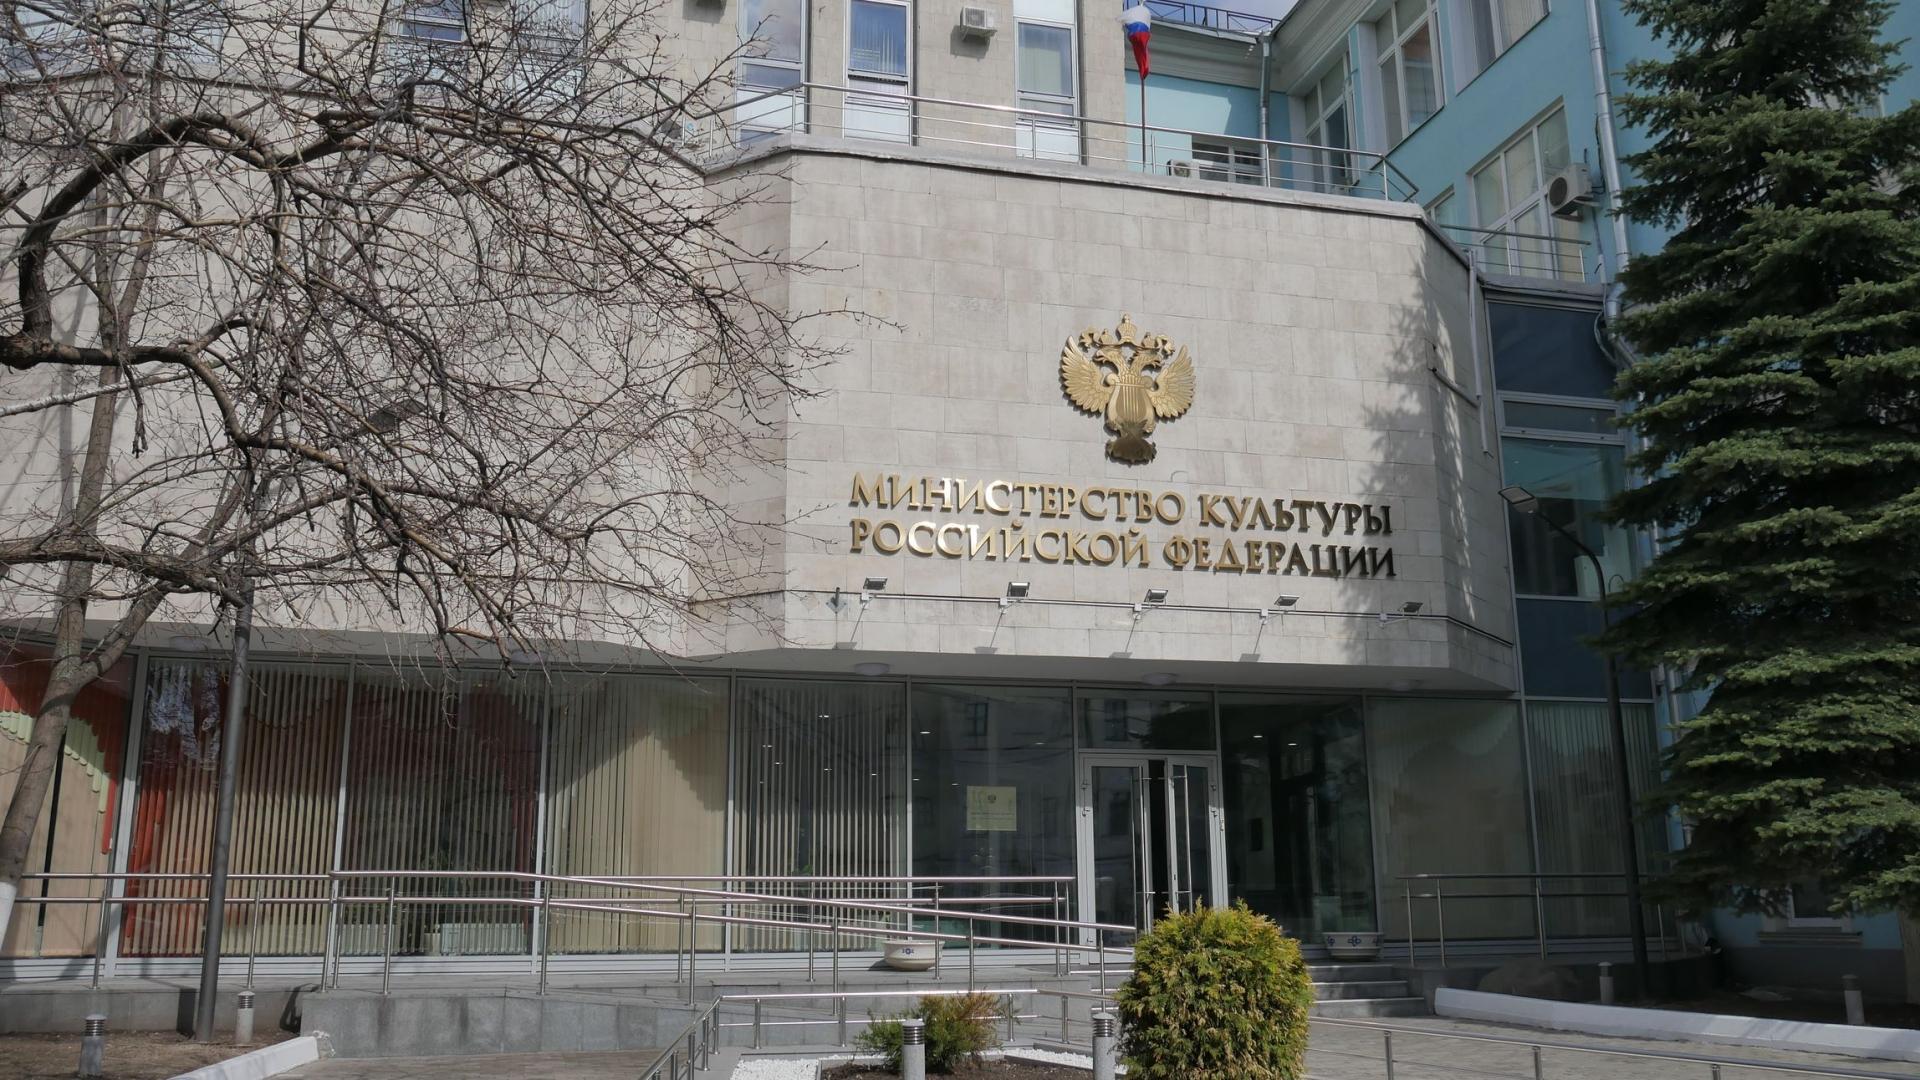 Правительство выделит 22,6 млрд рублей на создание отечественного кино